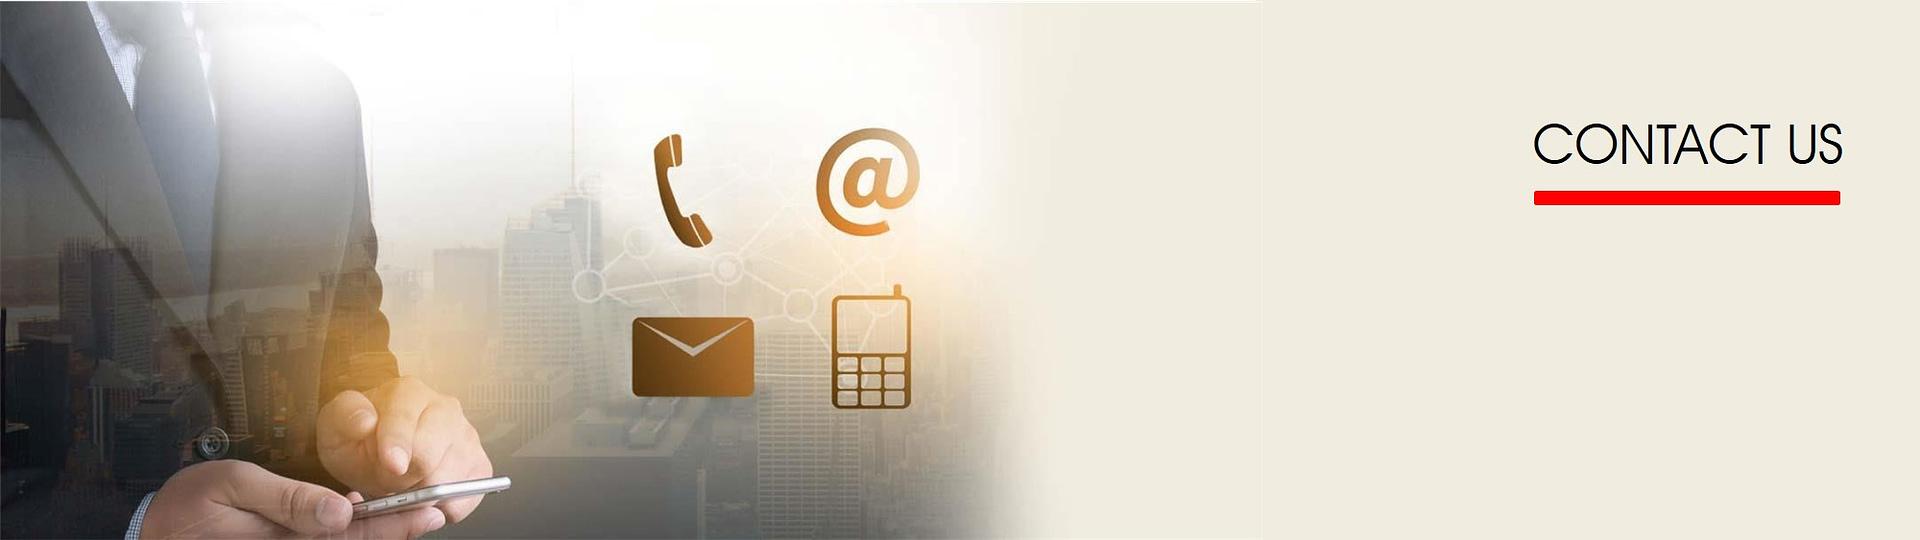 Contact Website